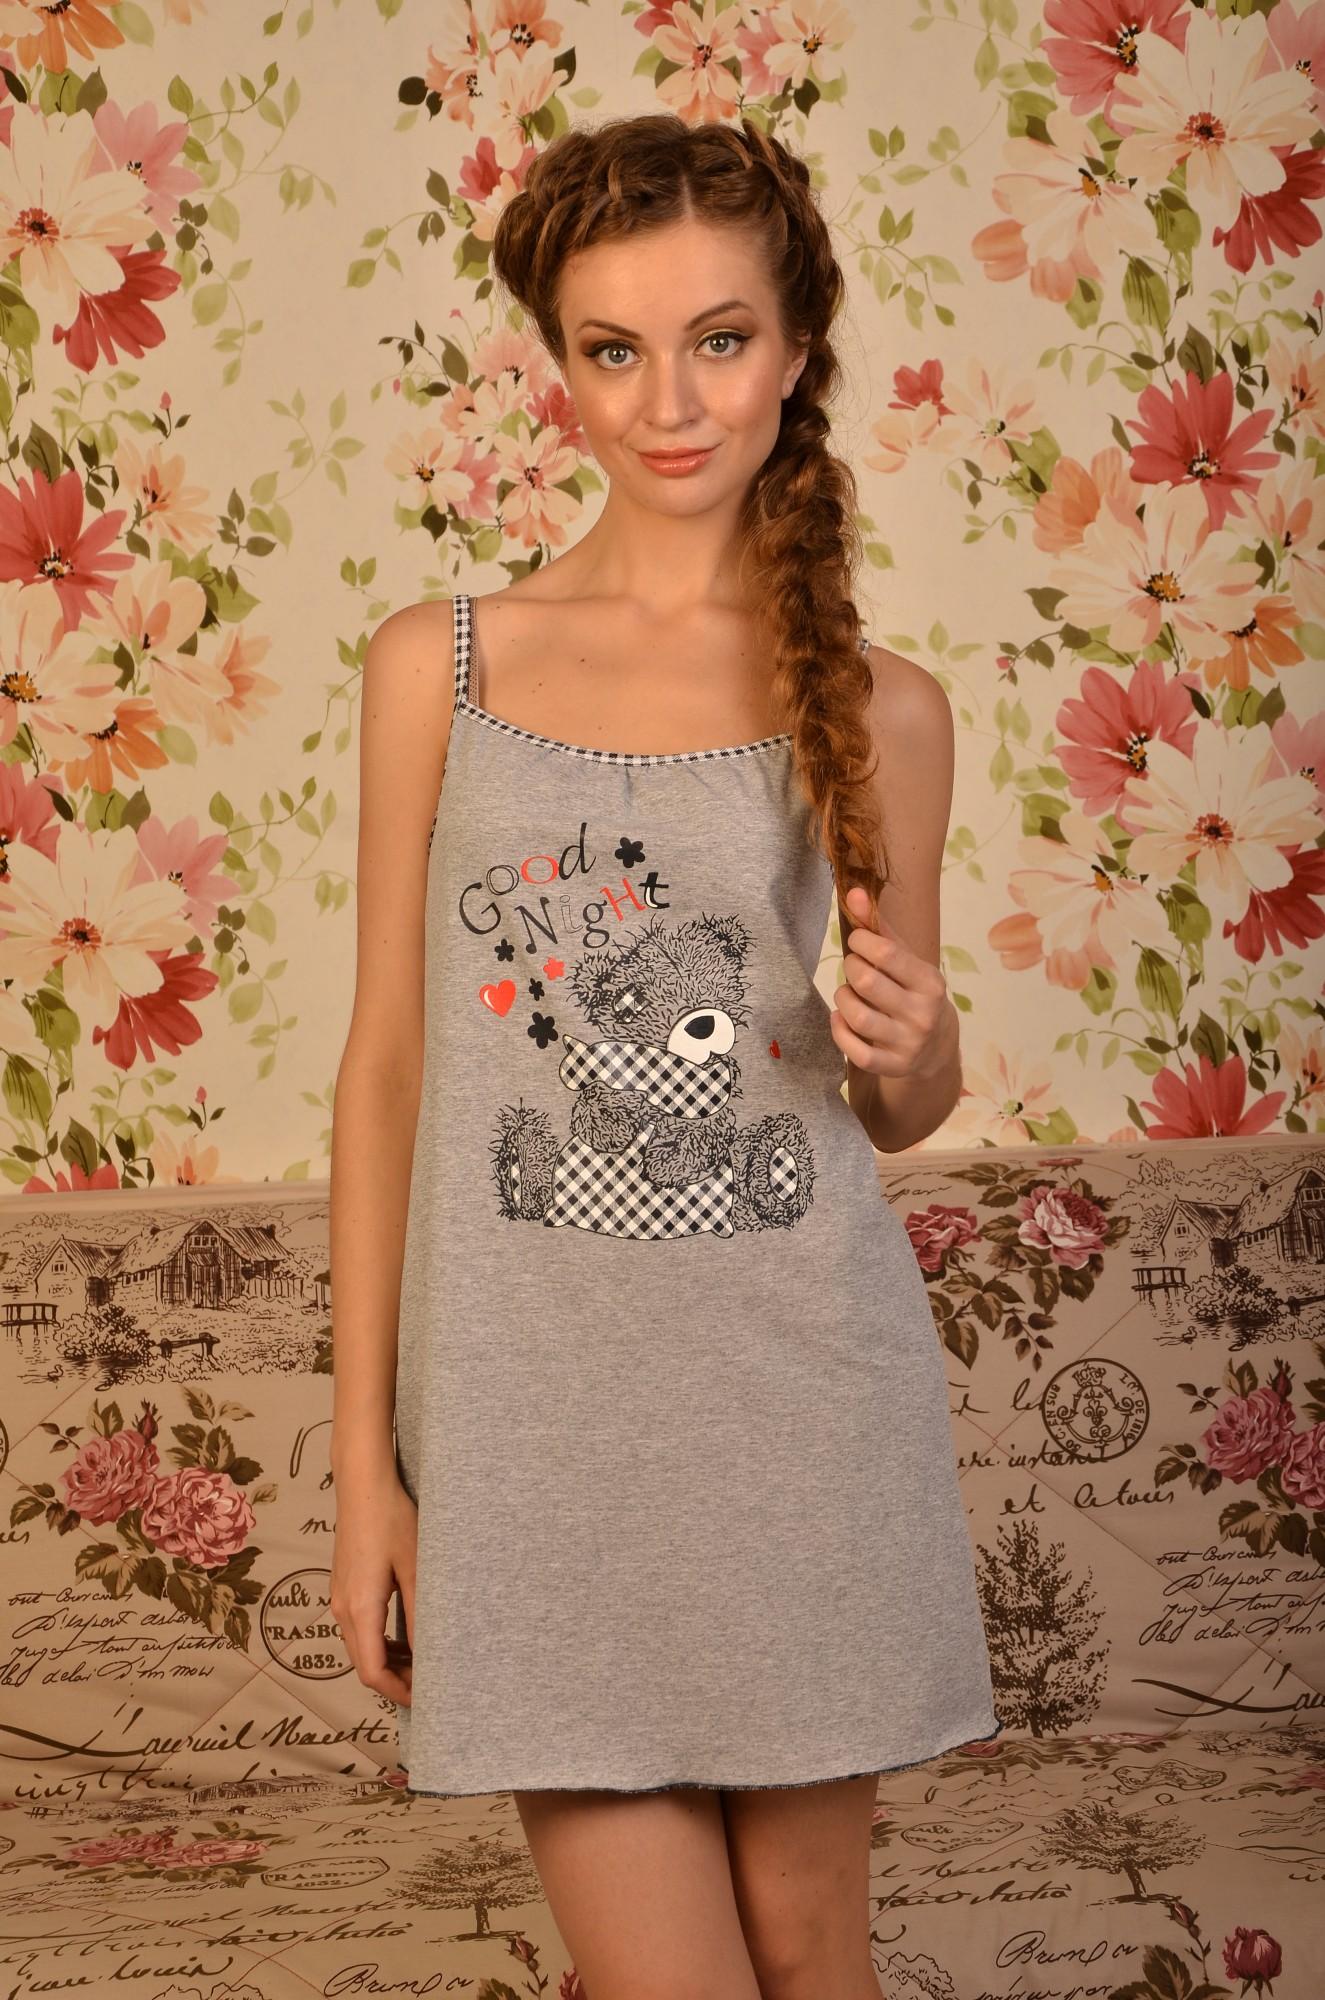 Сорочка женская на бретелях до колена с круглым вырезом с мишкой Тедди ИгрушкаДомашняя одежда<br><br><br>Размер: 42